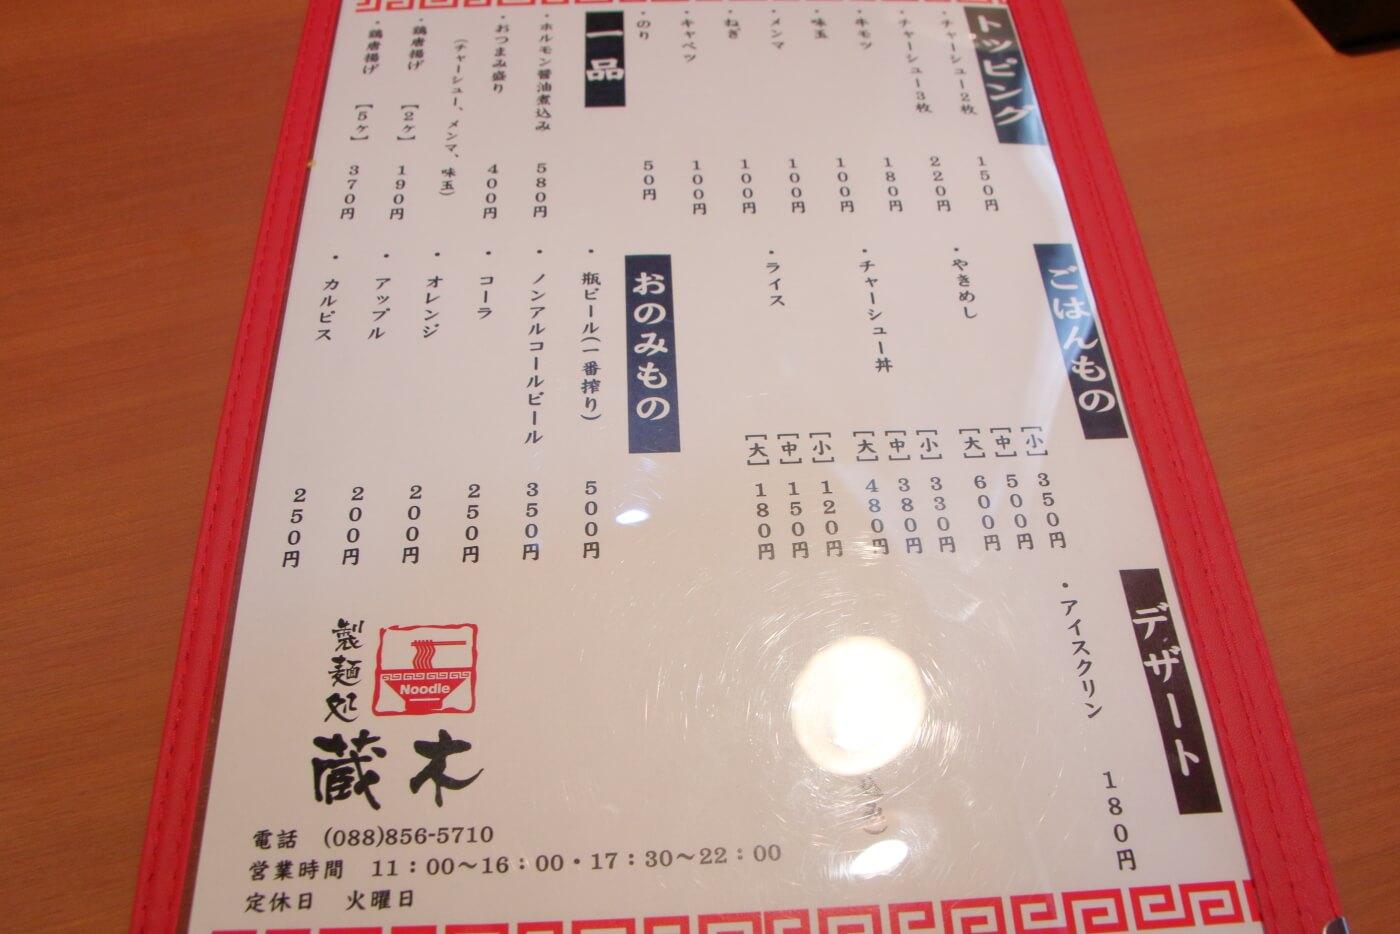 製麺処蔵木南国店のメニュー